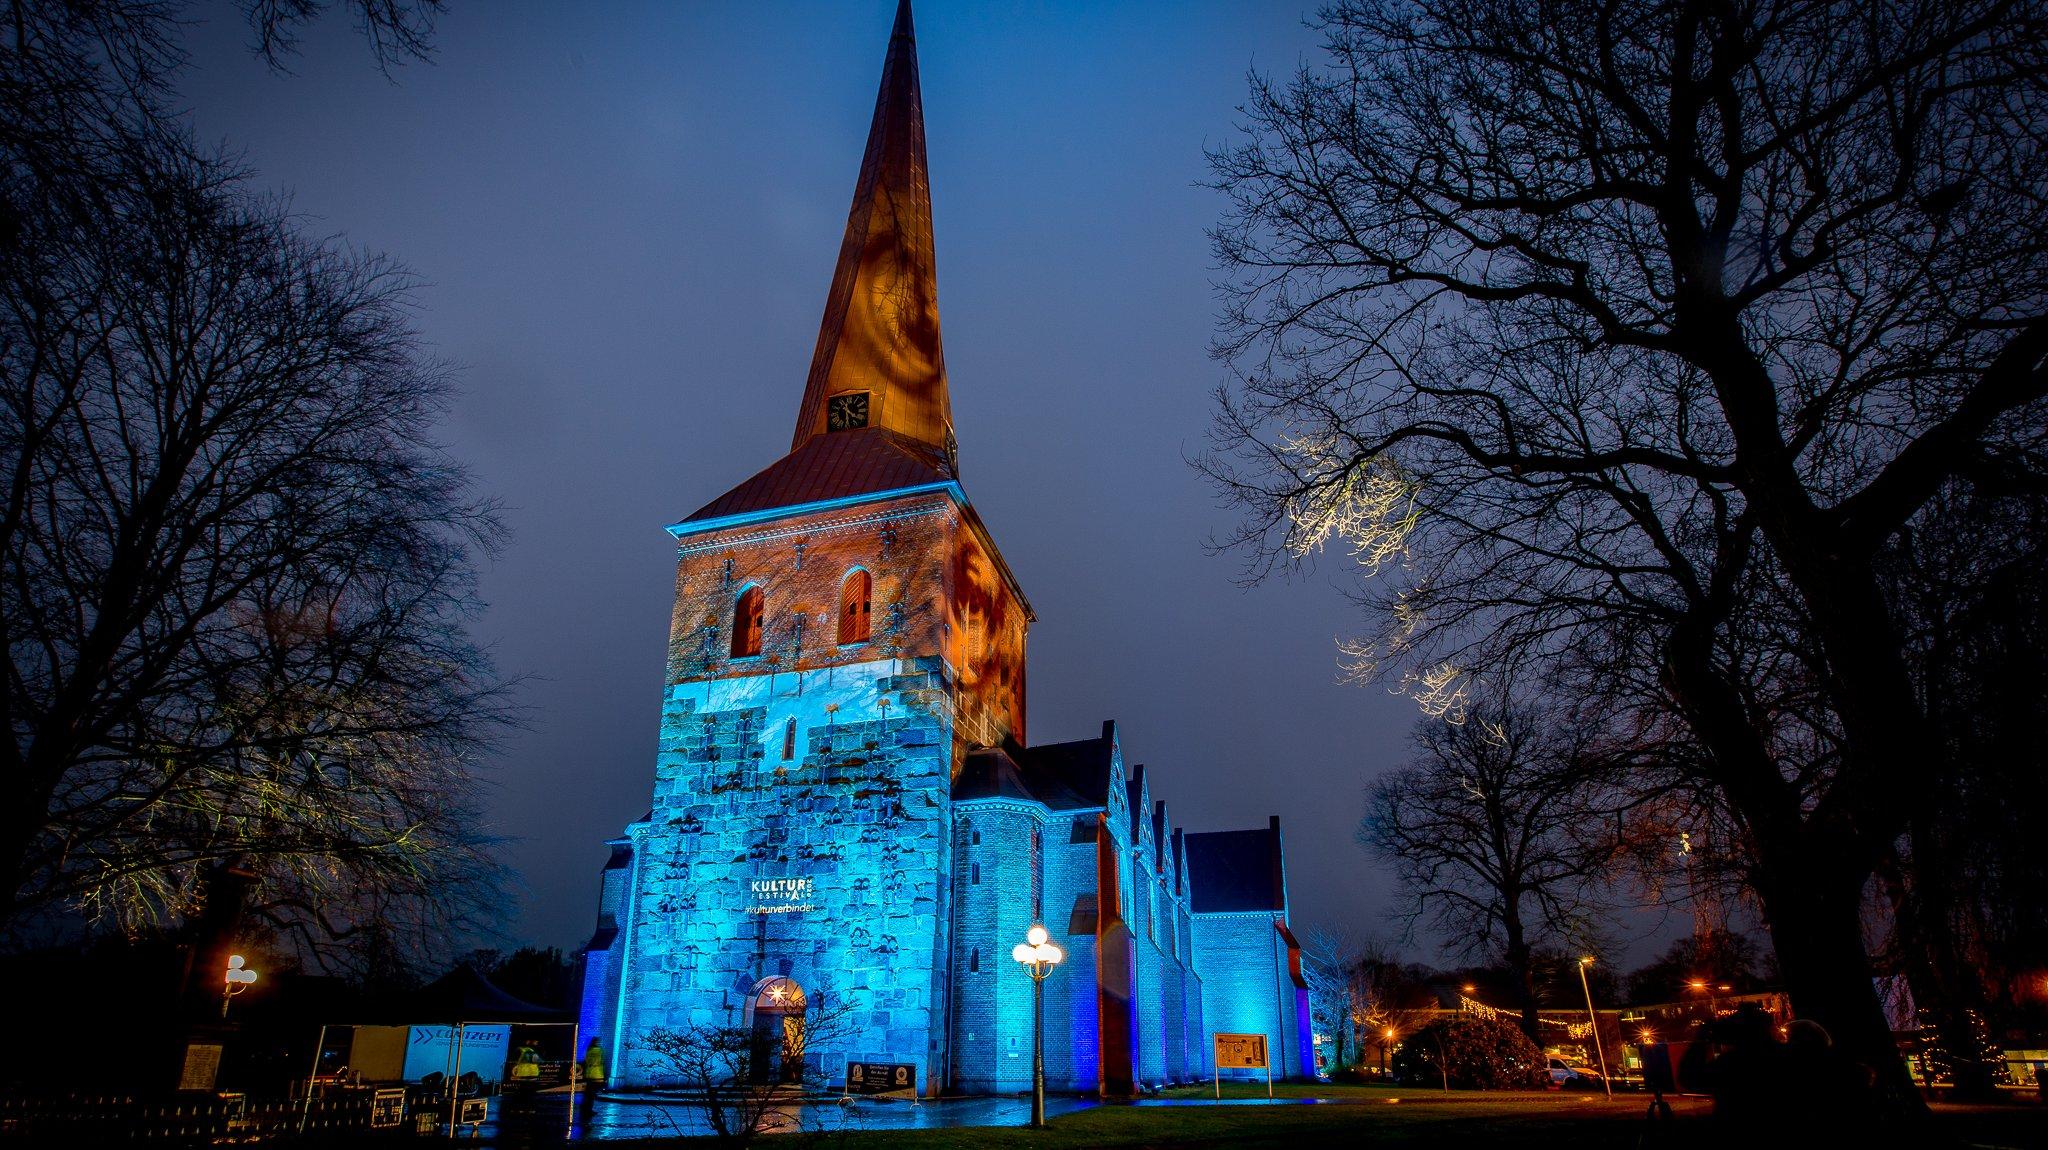 Die bunt illuminierte Kirche in Nortorf.